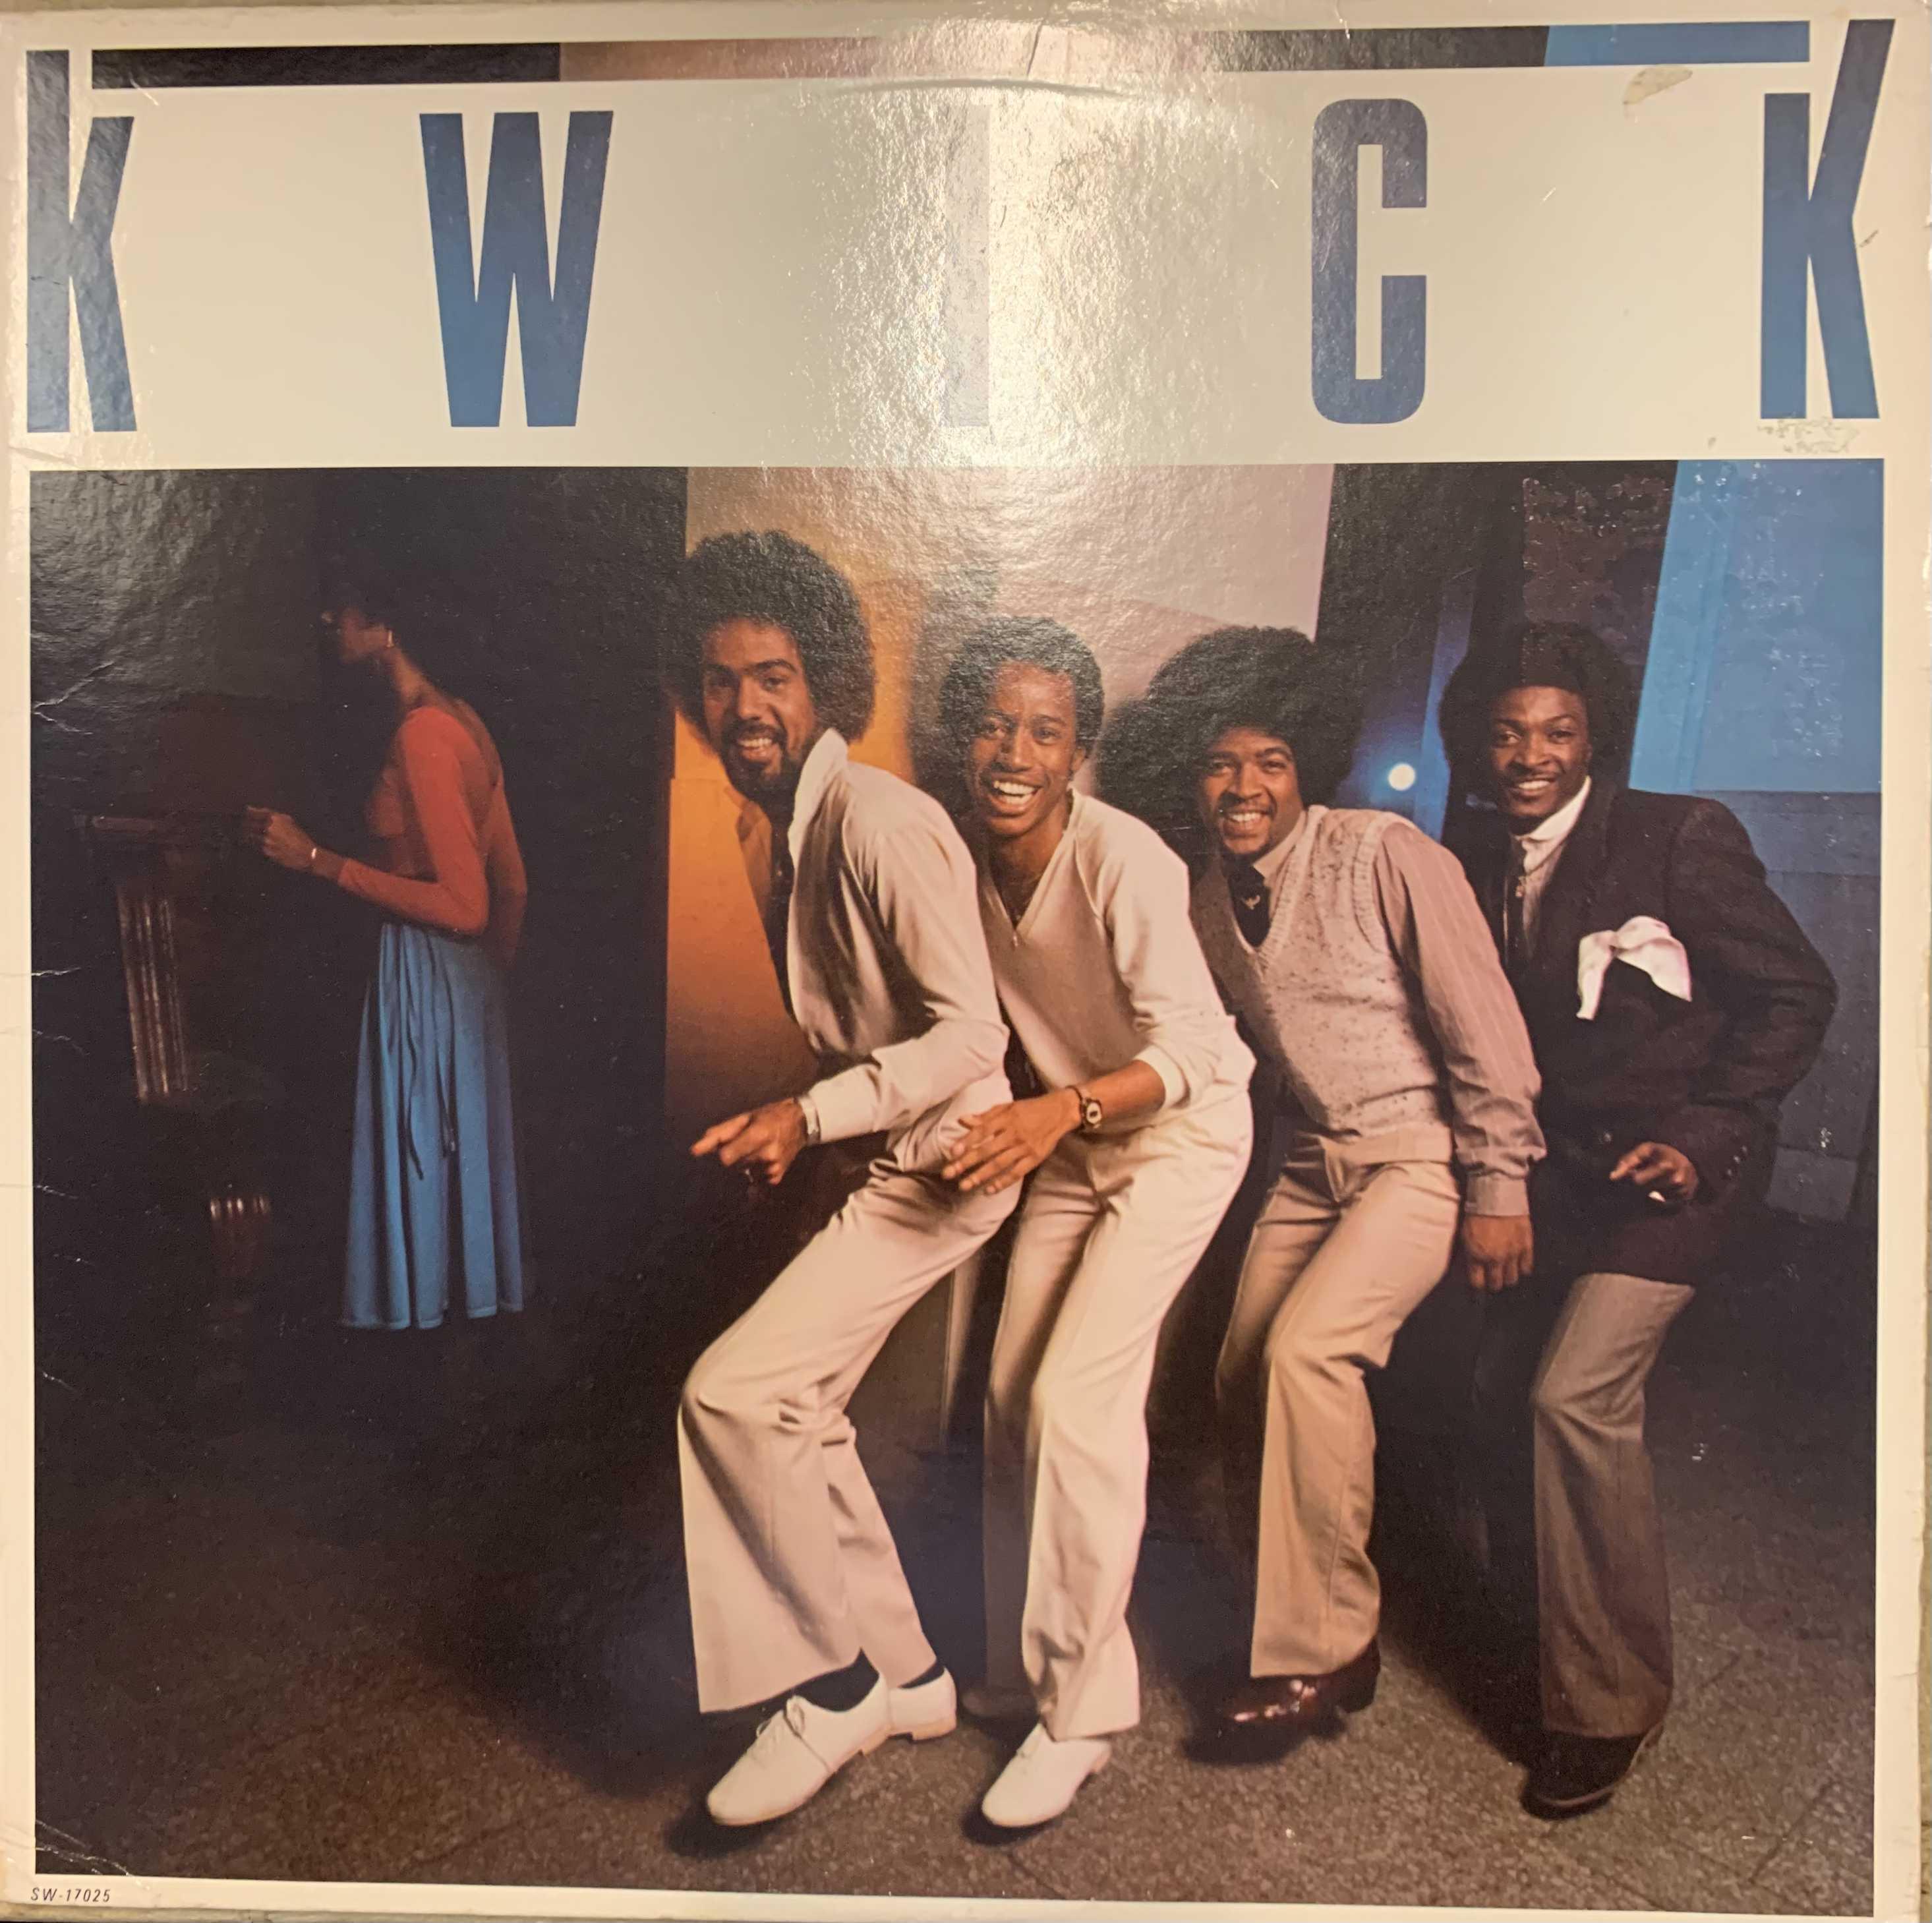 Kwick